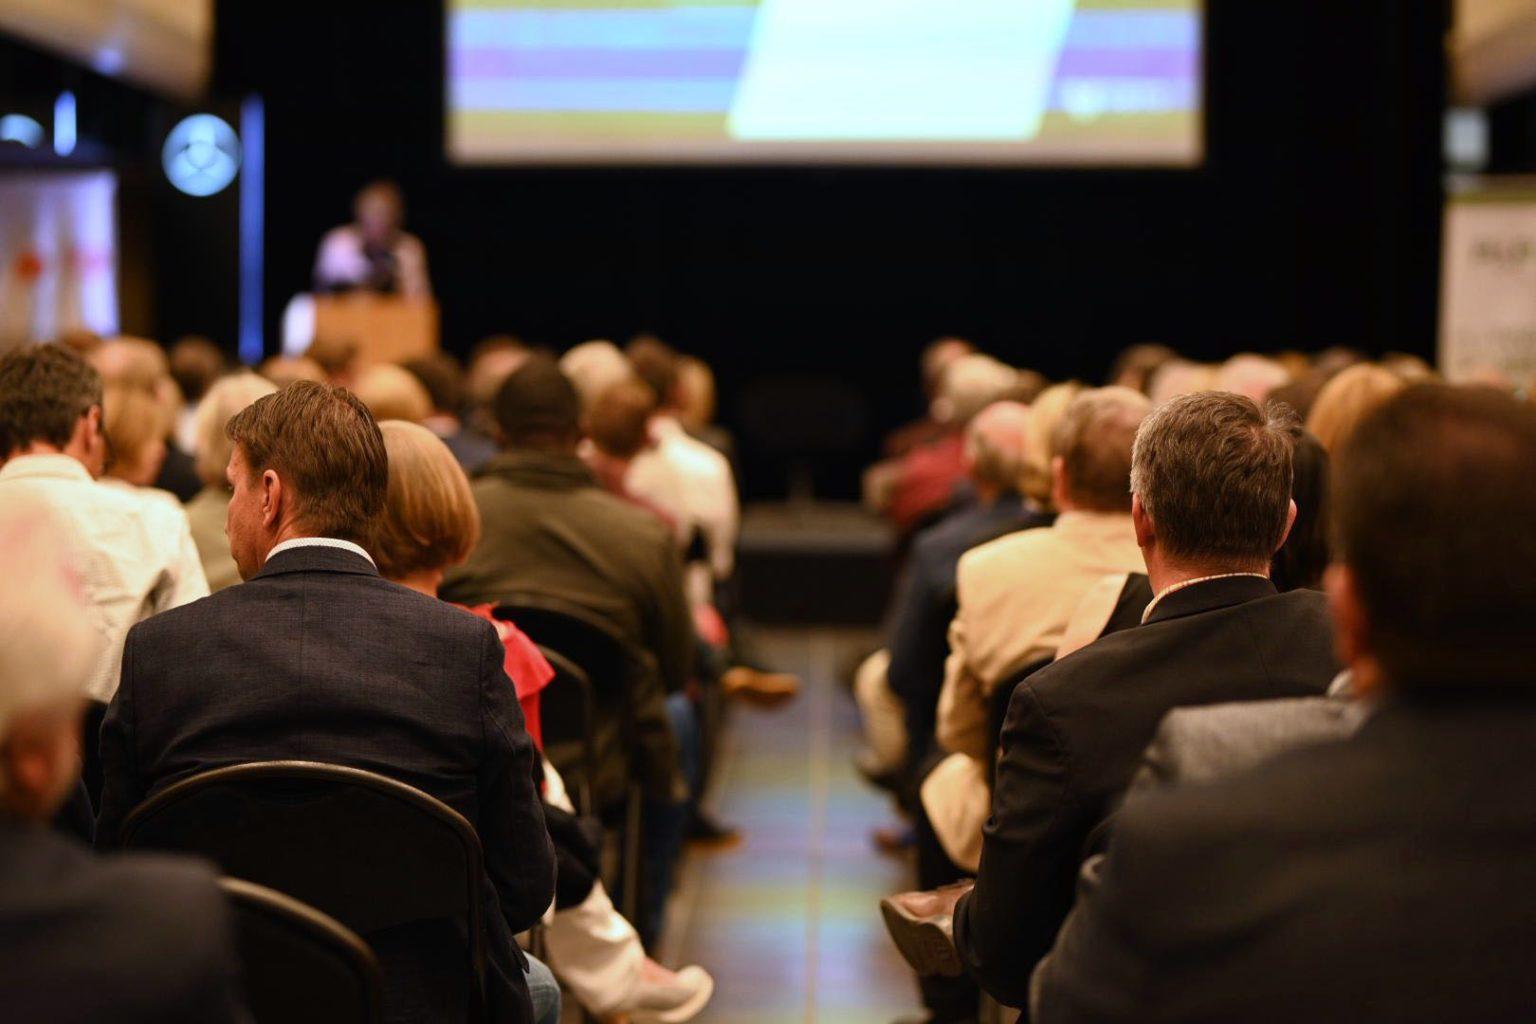 Vue du public lors d'une conférence sur le CBTC donnée par le Rotary Louvain-La-Neuve, mai 2019